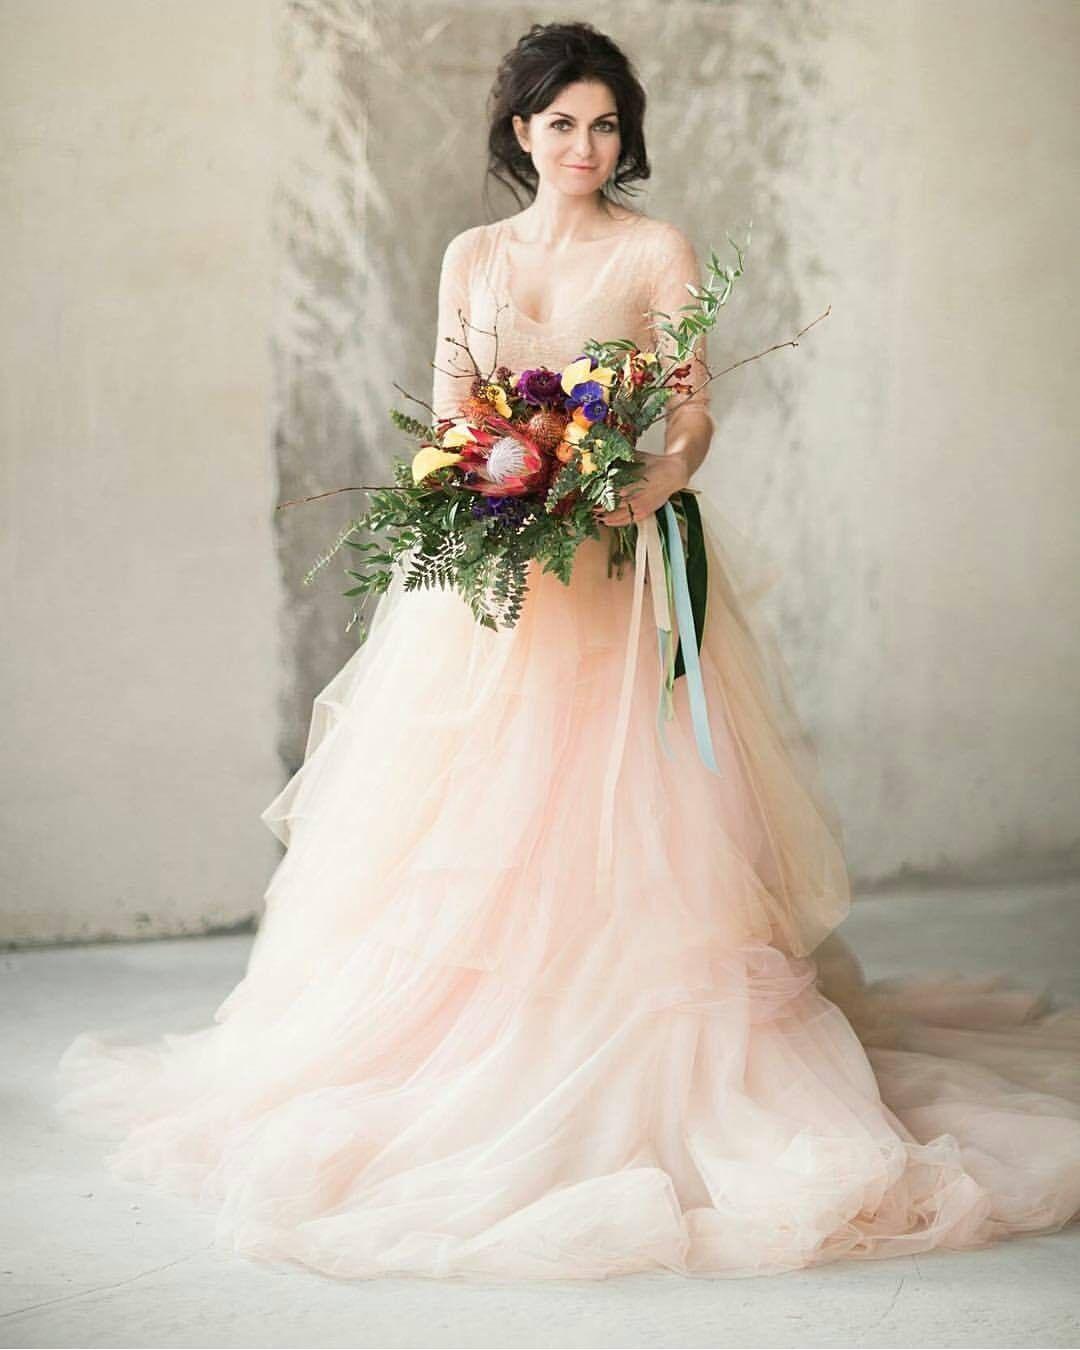 Fullsize Of Non White Wedding Dresses